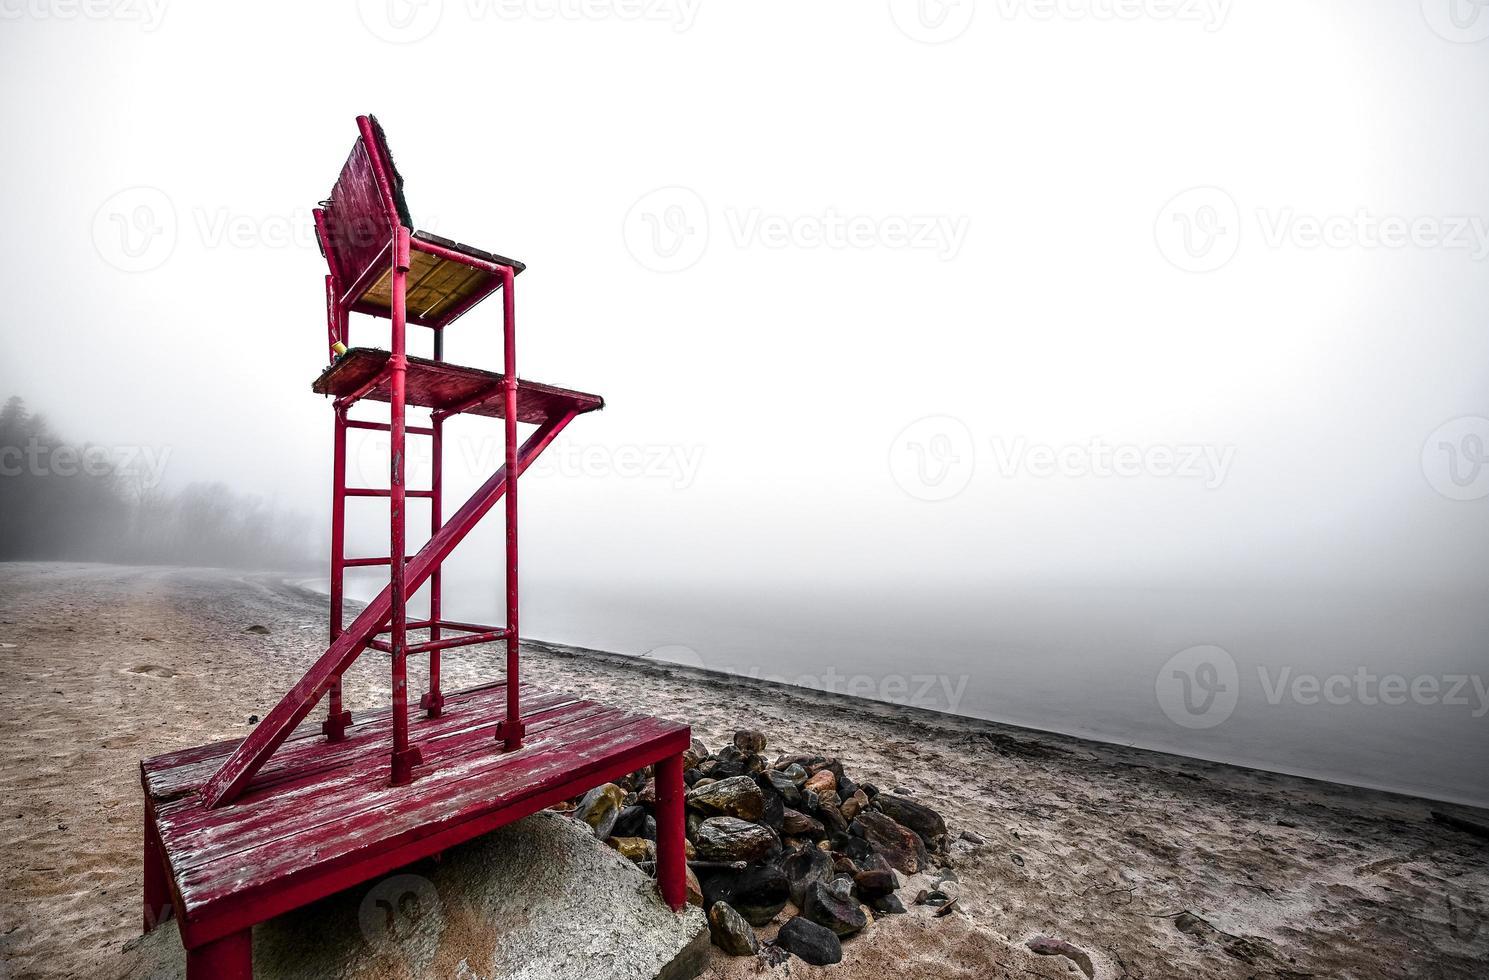 chaise de sauveteur vide sur une plage brumeuse. photo